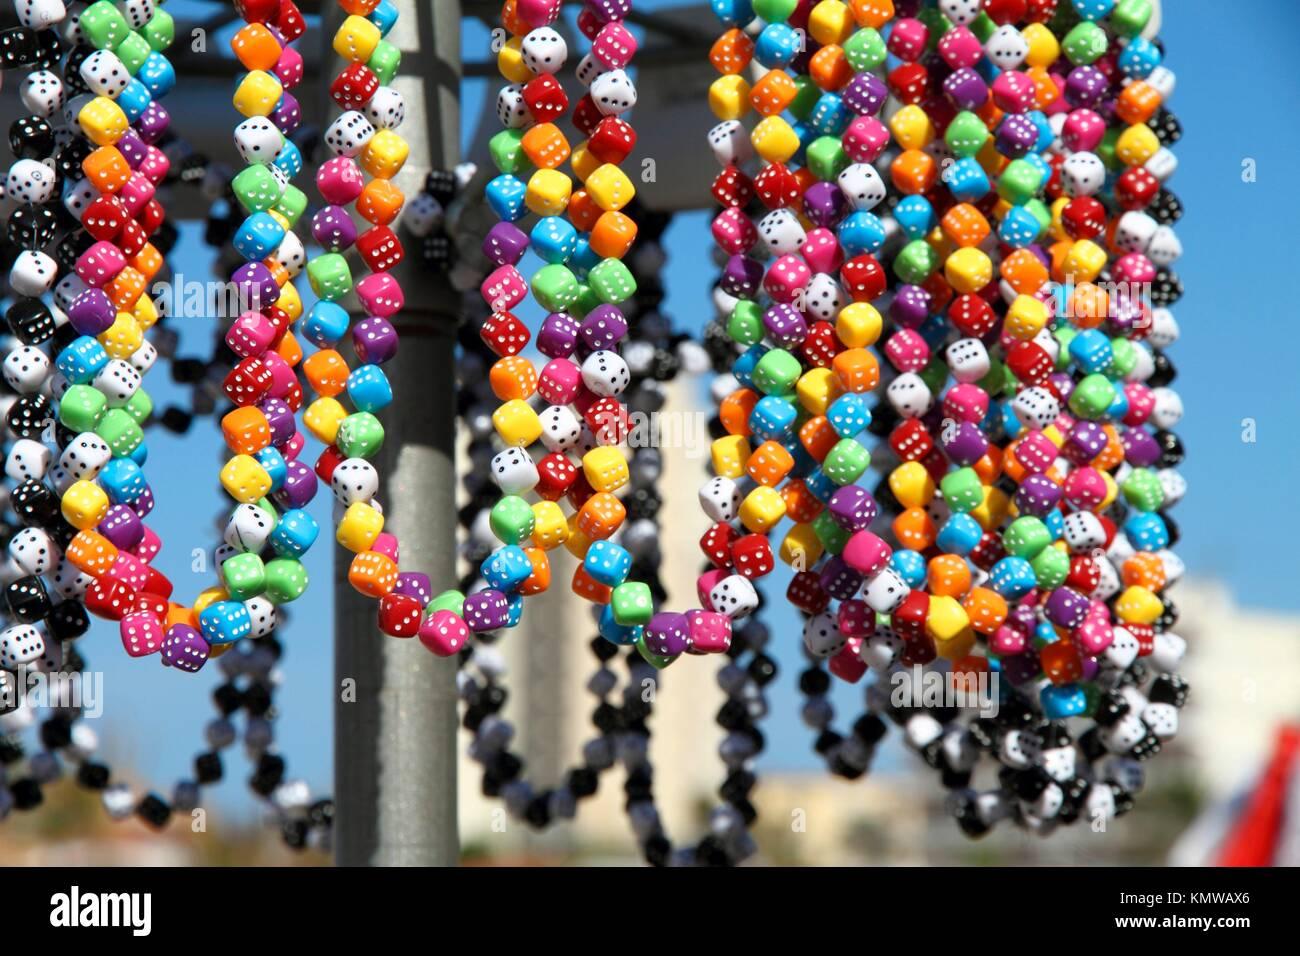 960b632b66e3 Perlas de plástico joyas en venta Javea Costa Blanca Alicante provincia  España mar Mediterráneo